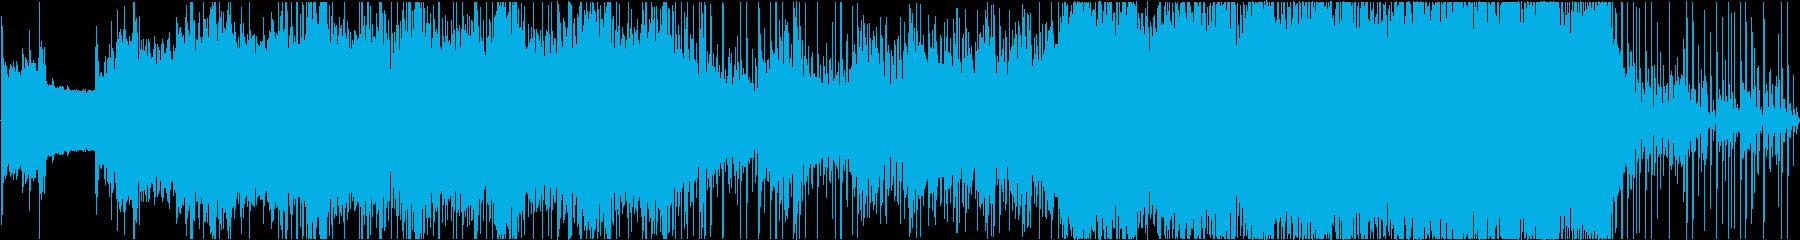 シンセによるホラー感のある楽曲の再生済みの波形